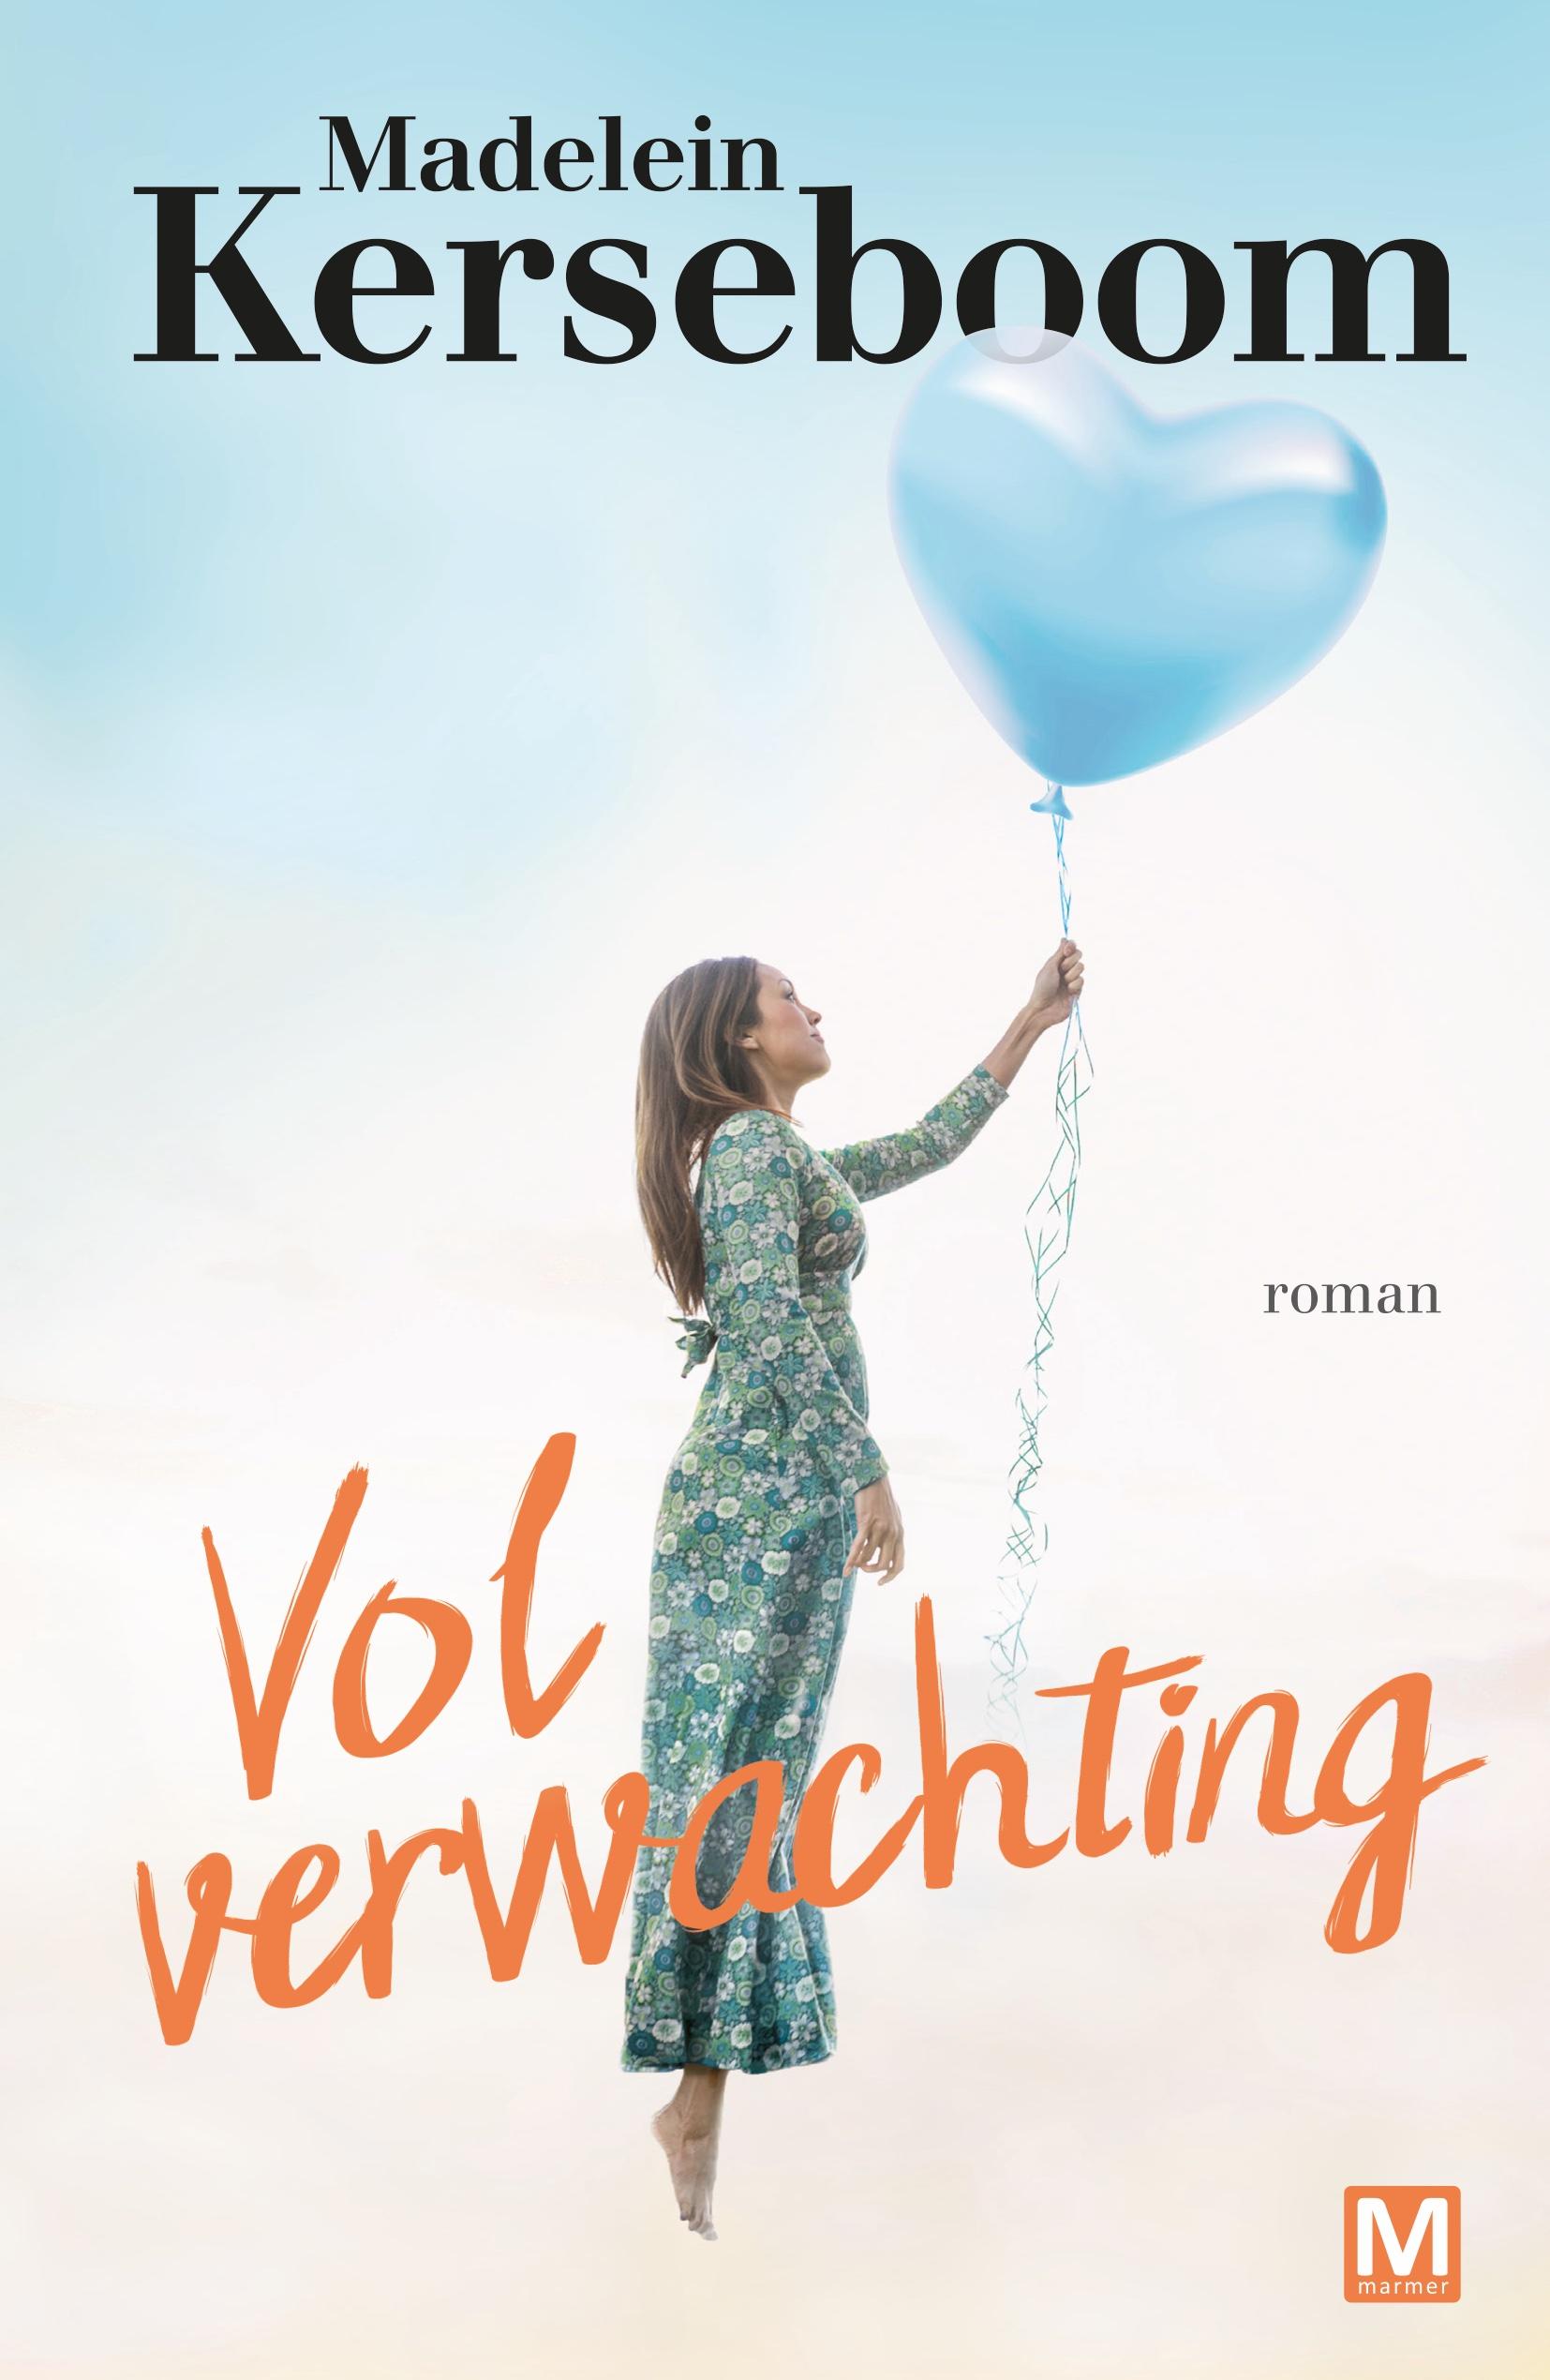 Vol verwachting - boekenflits.nl